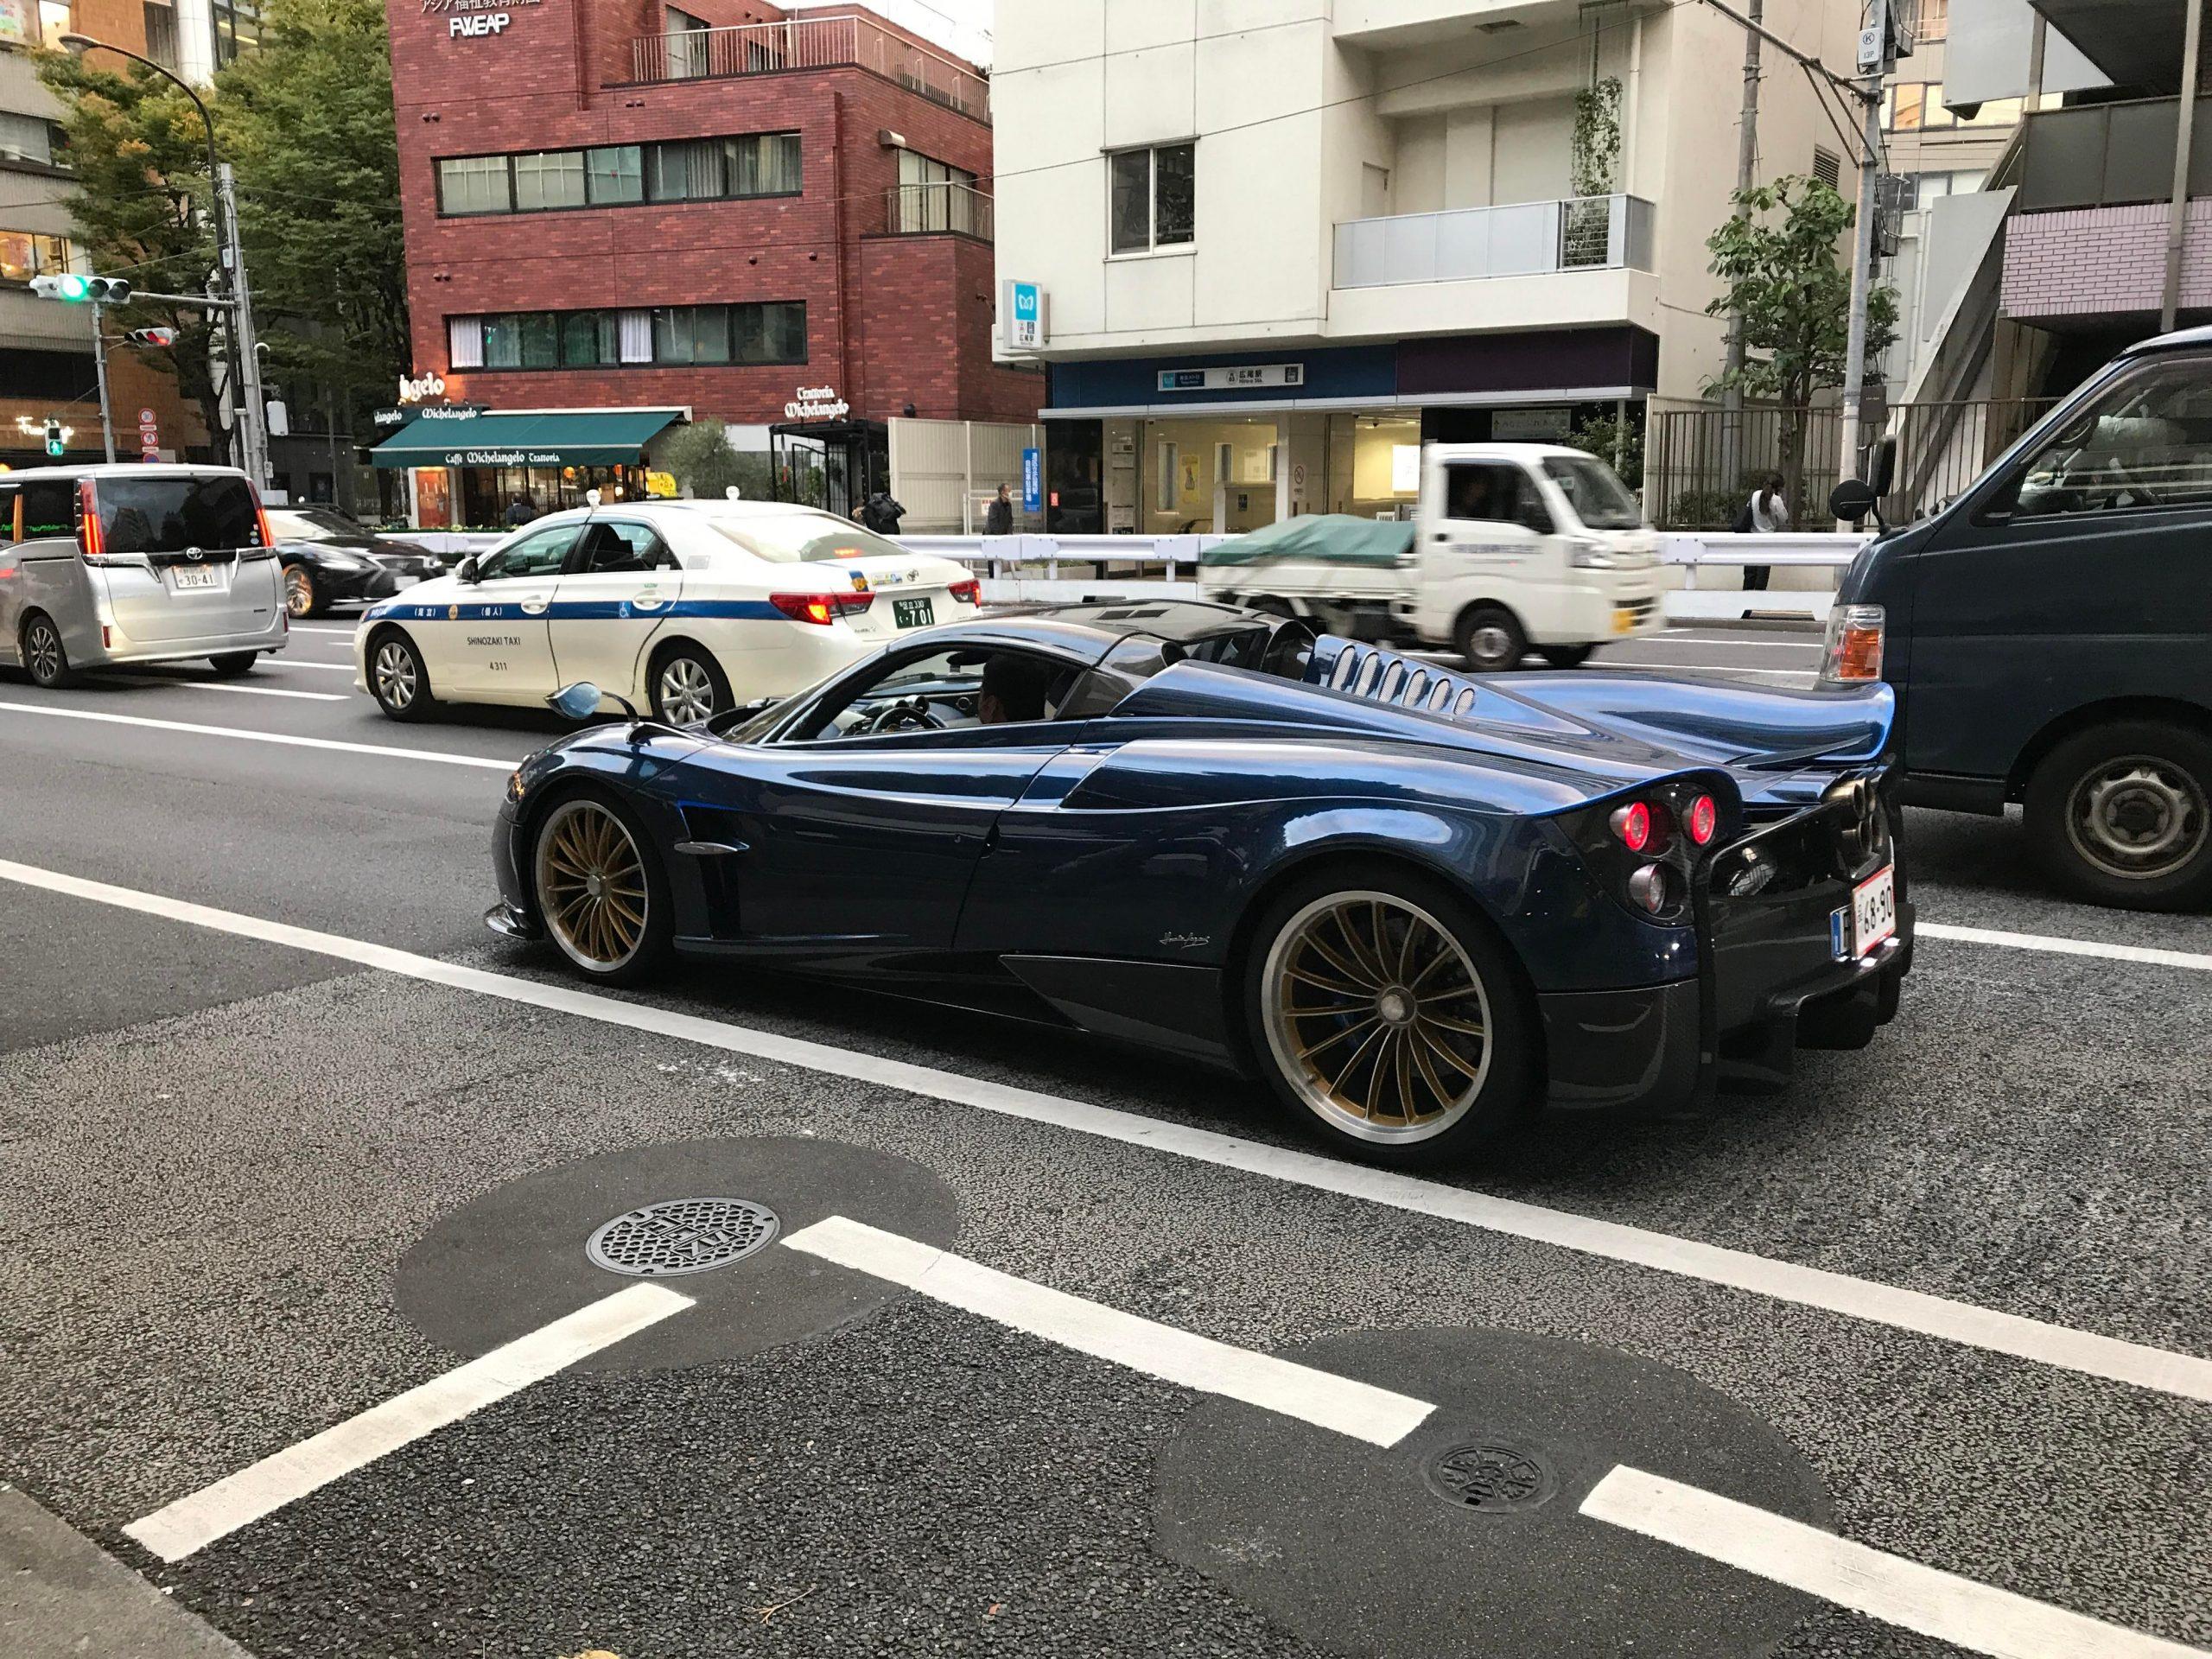 Walking through Tokyo when this Pagani Huarya came rumbling through.